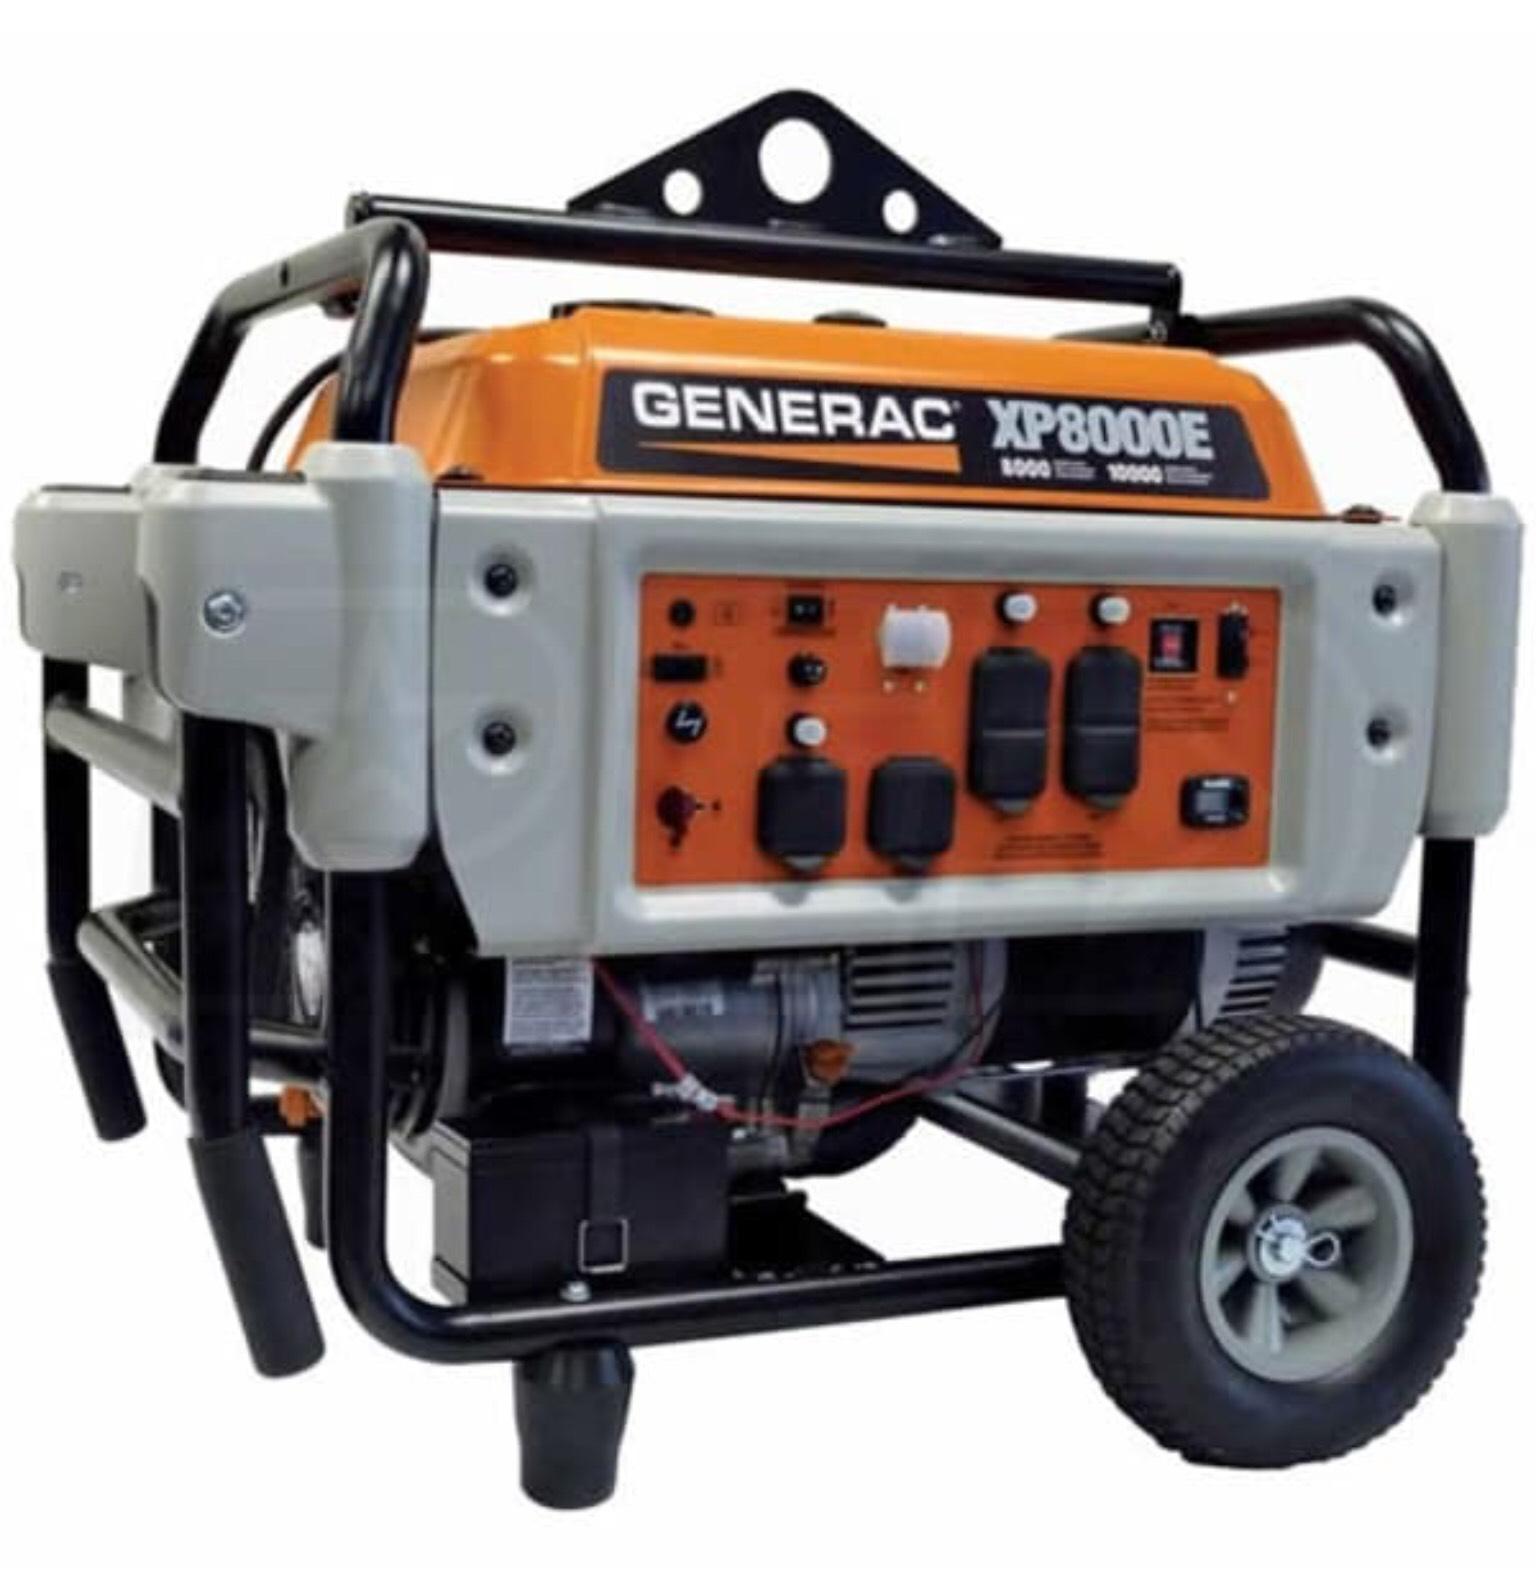 Generator repair Smart Choice Repair Center